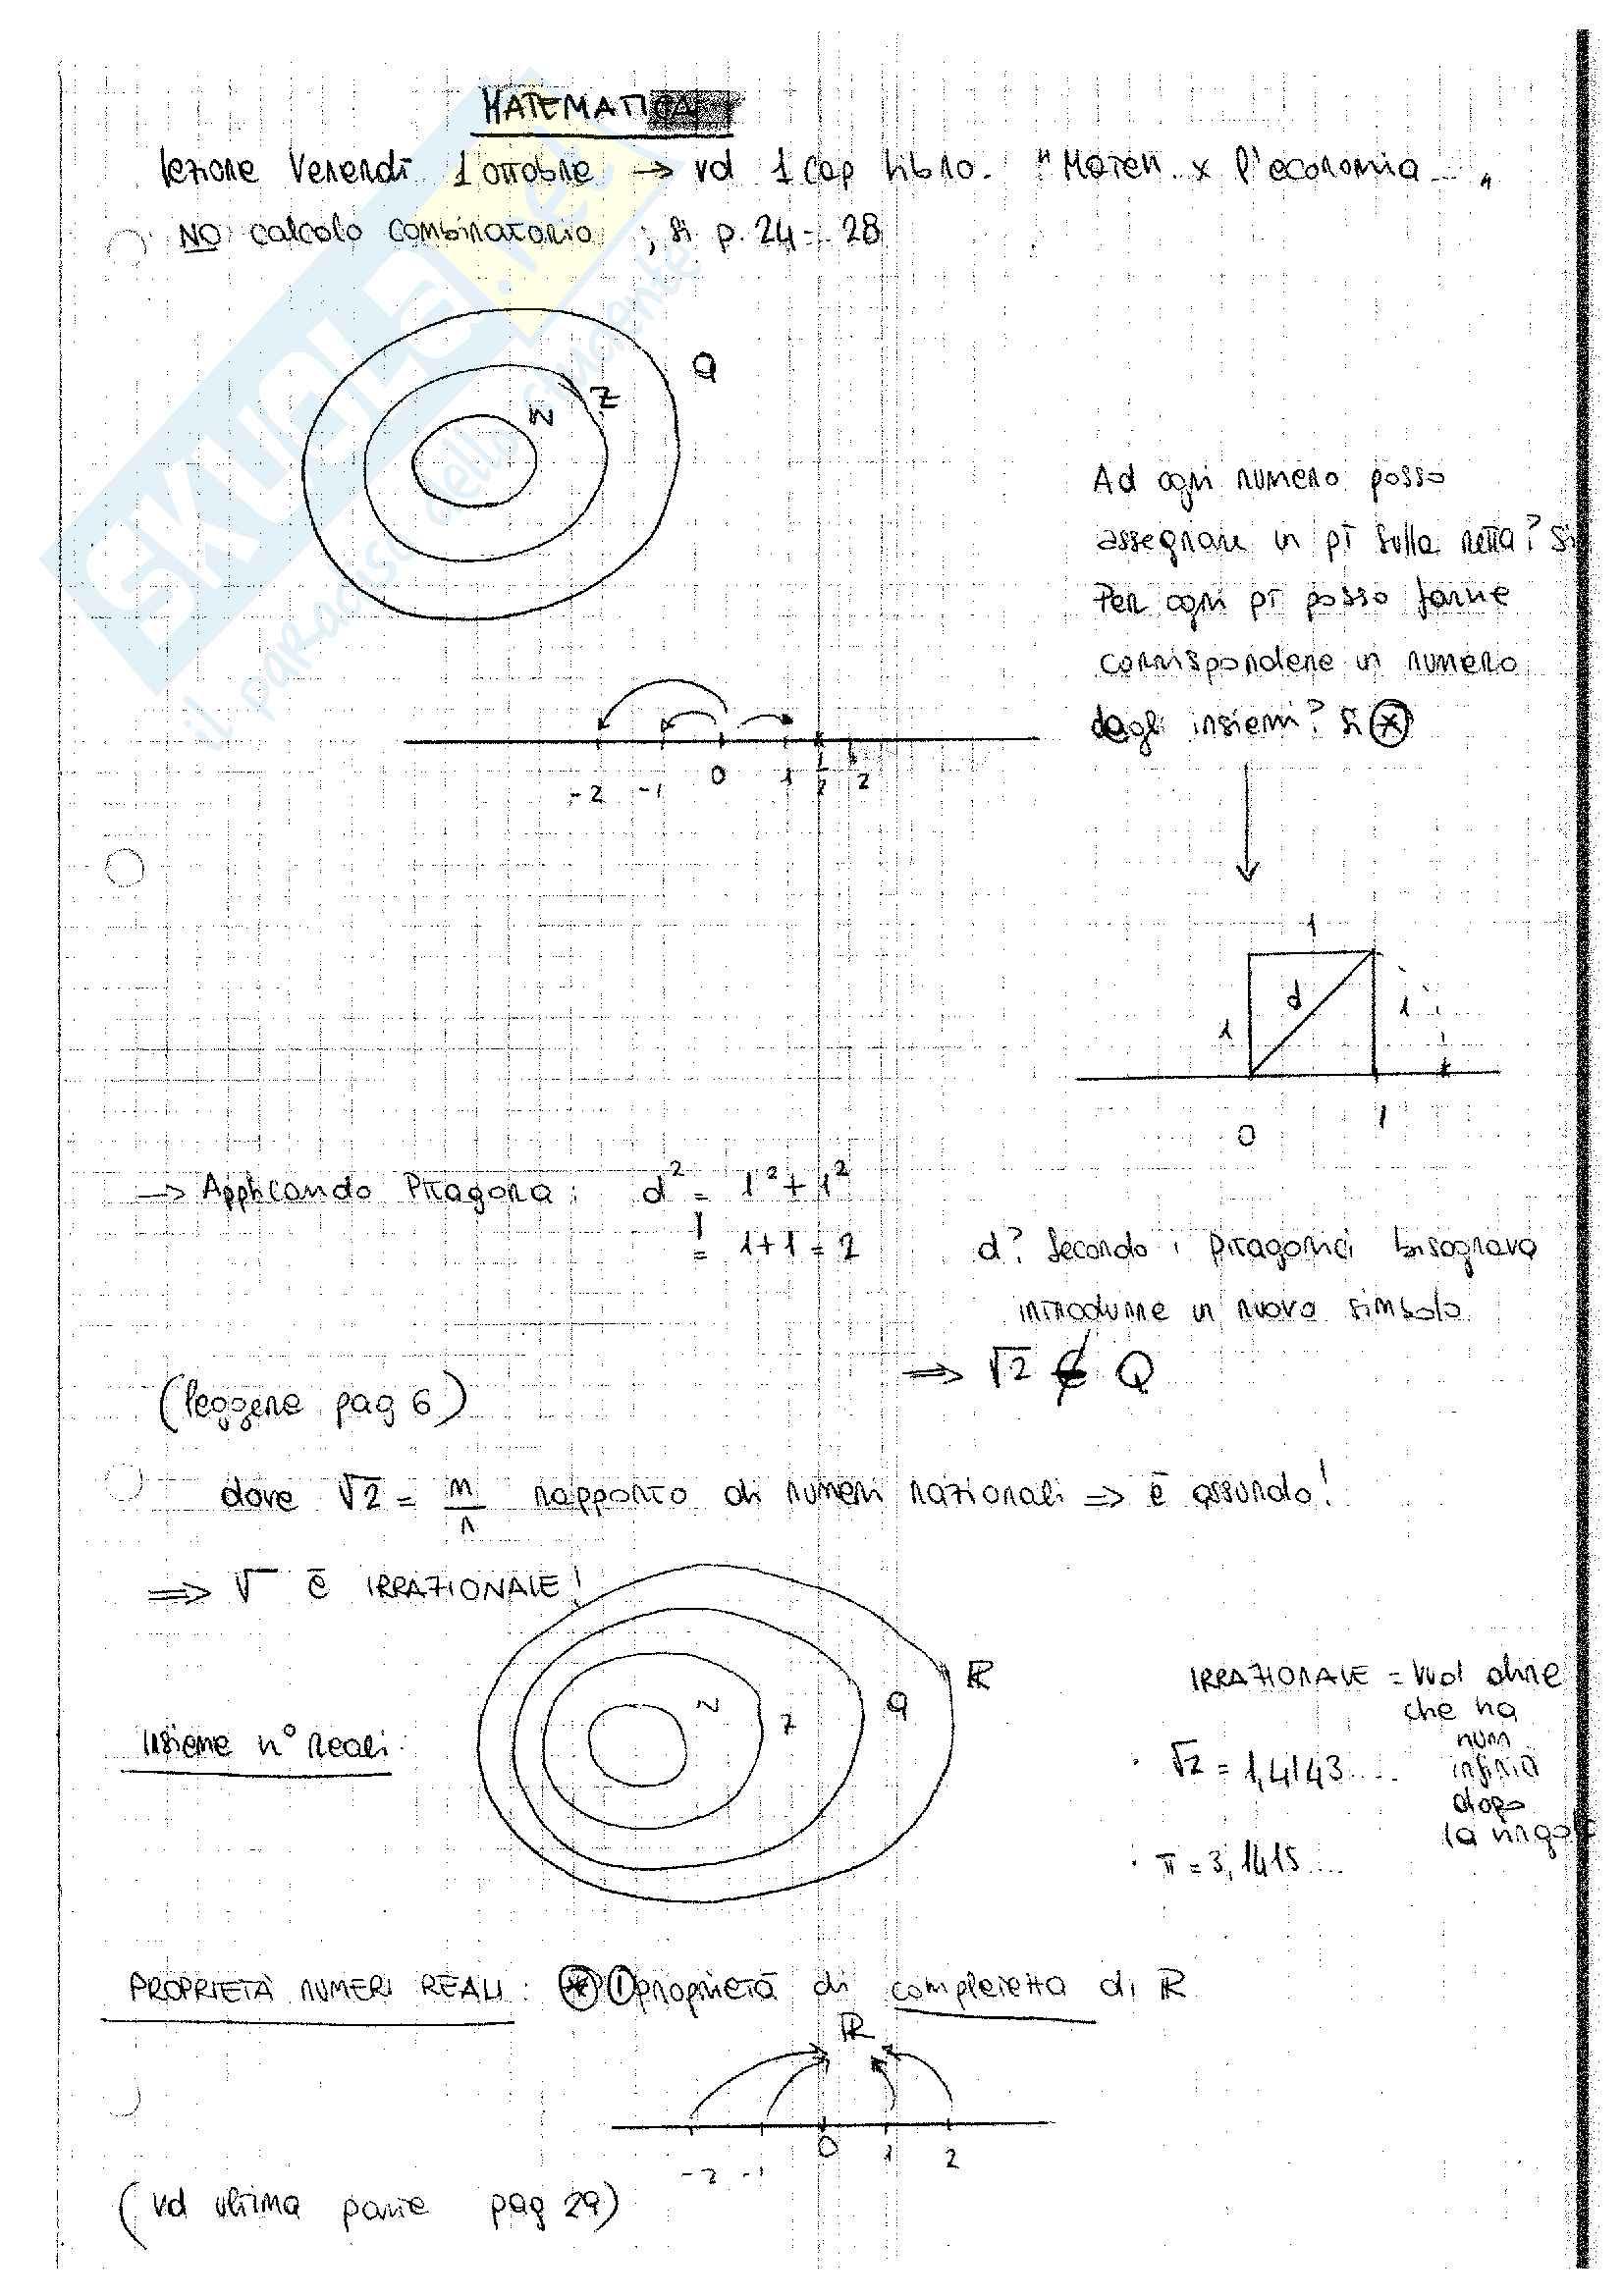 Matematica per l'azienda (1° parte)